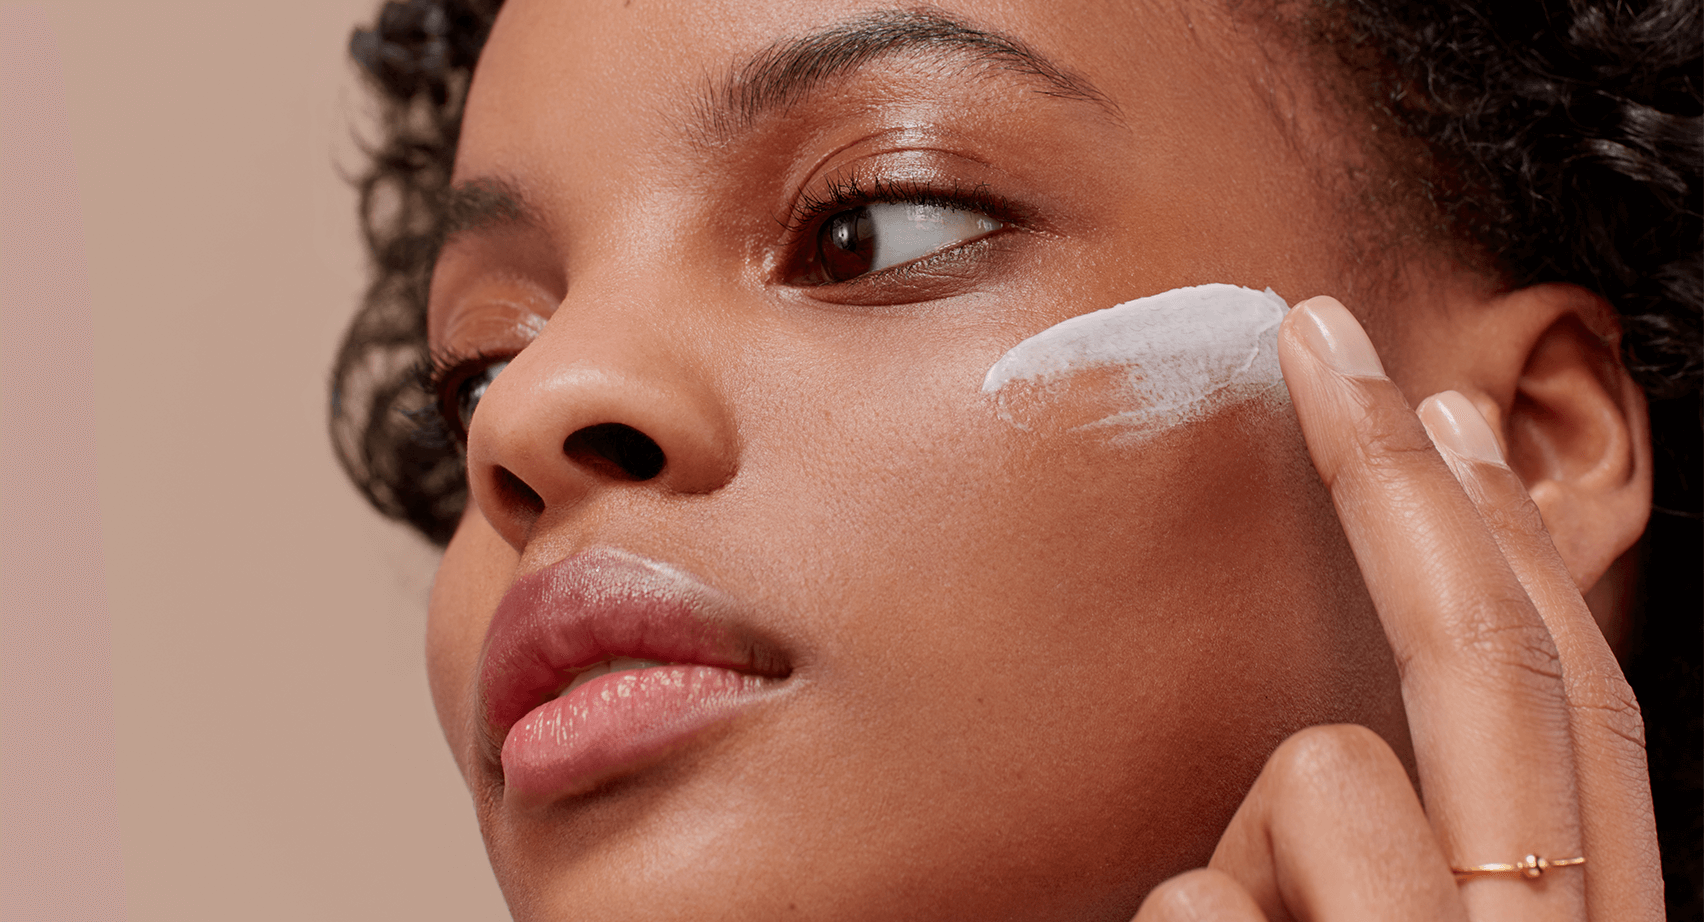 skin-care routine